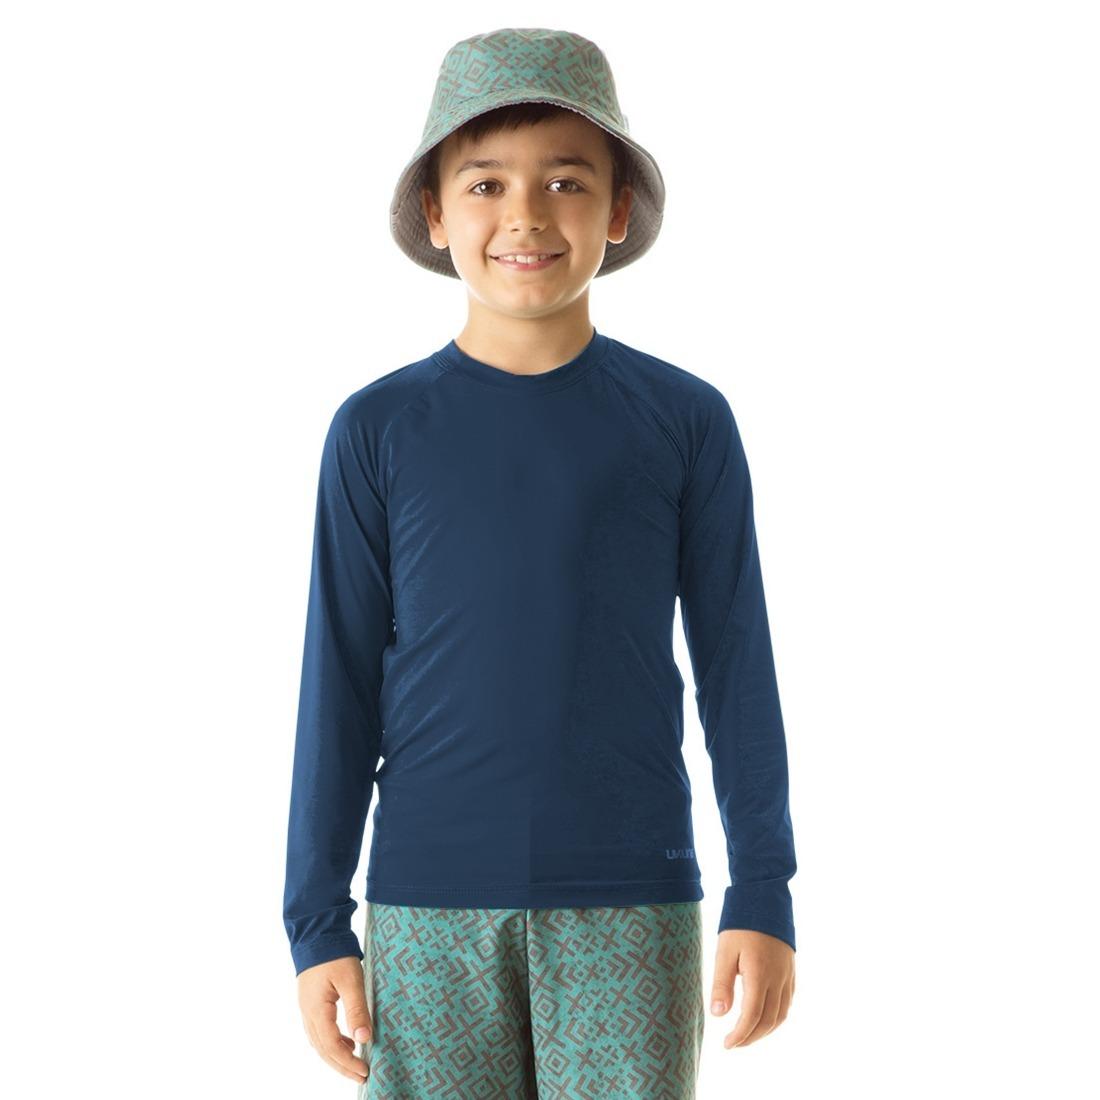 8899d3b799 camiseta uv pro ml infantil proteção solar uv line marinho. Carregando zoom.